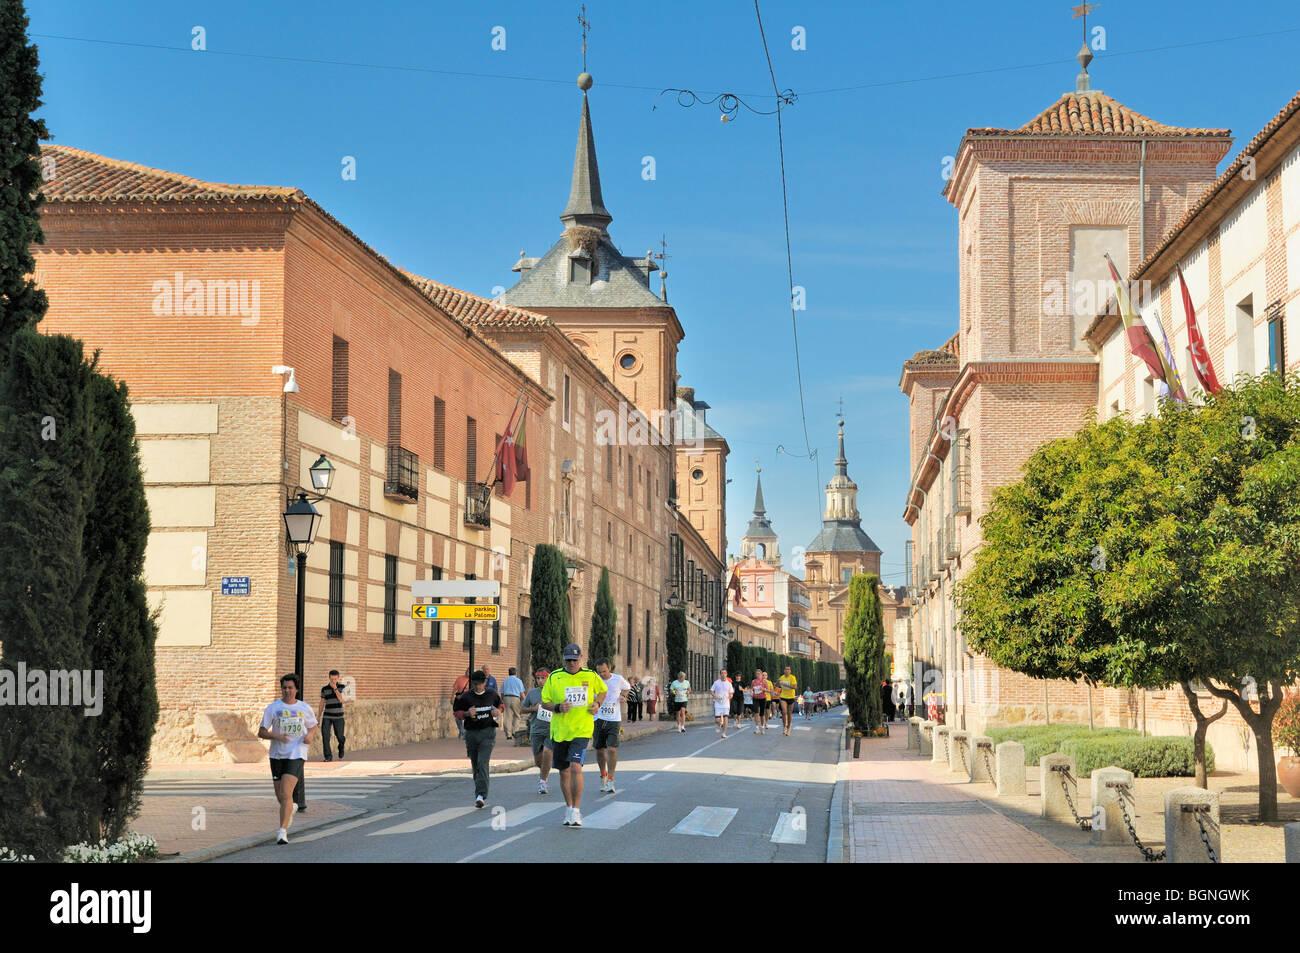 Läufer, die im Wettbewerb mit der Alcala 10k Marathon, Alcalá De Henares, Madrid Provinz, Spanien Stockbild